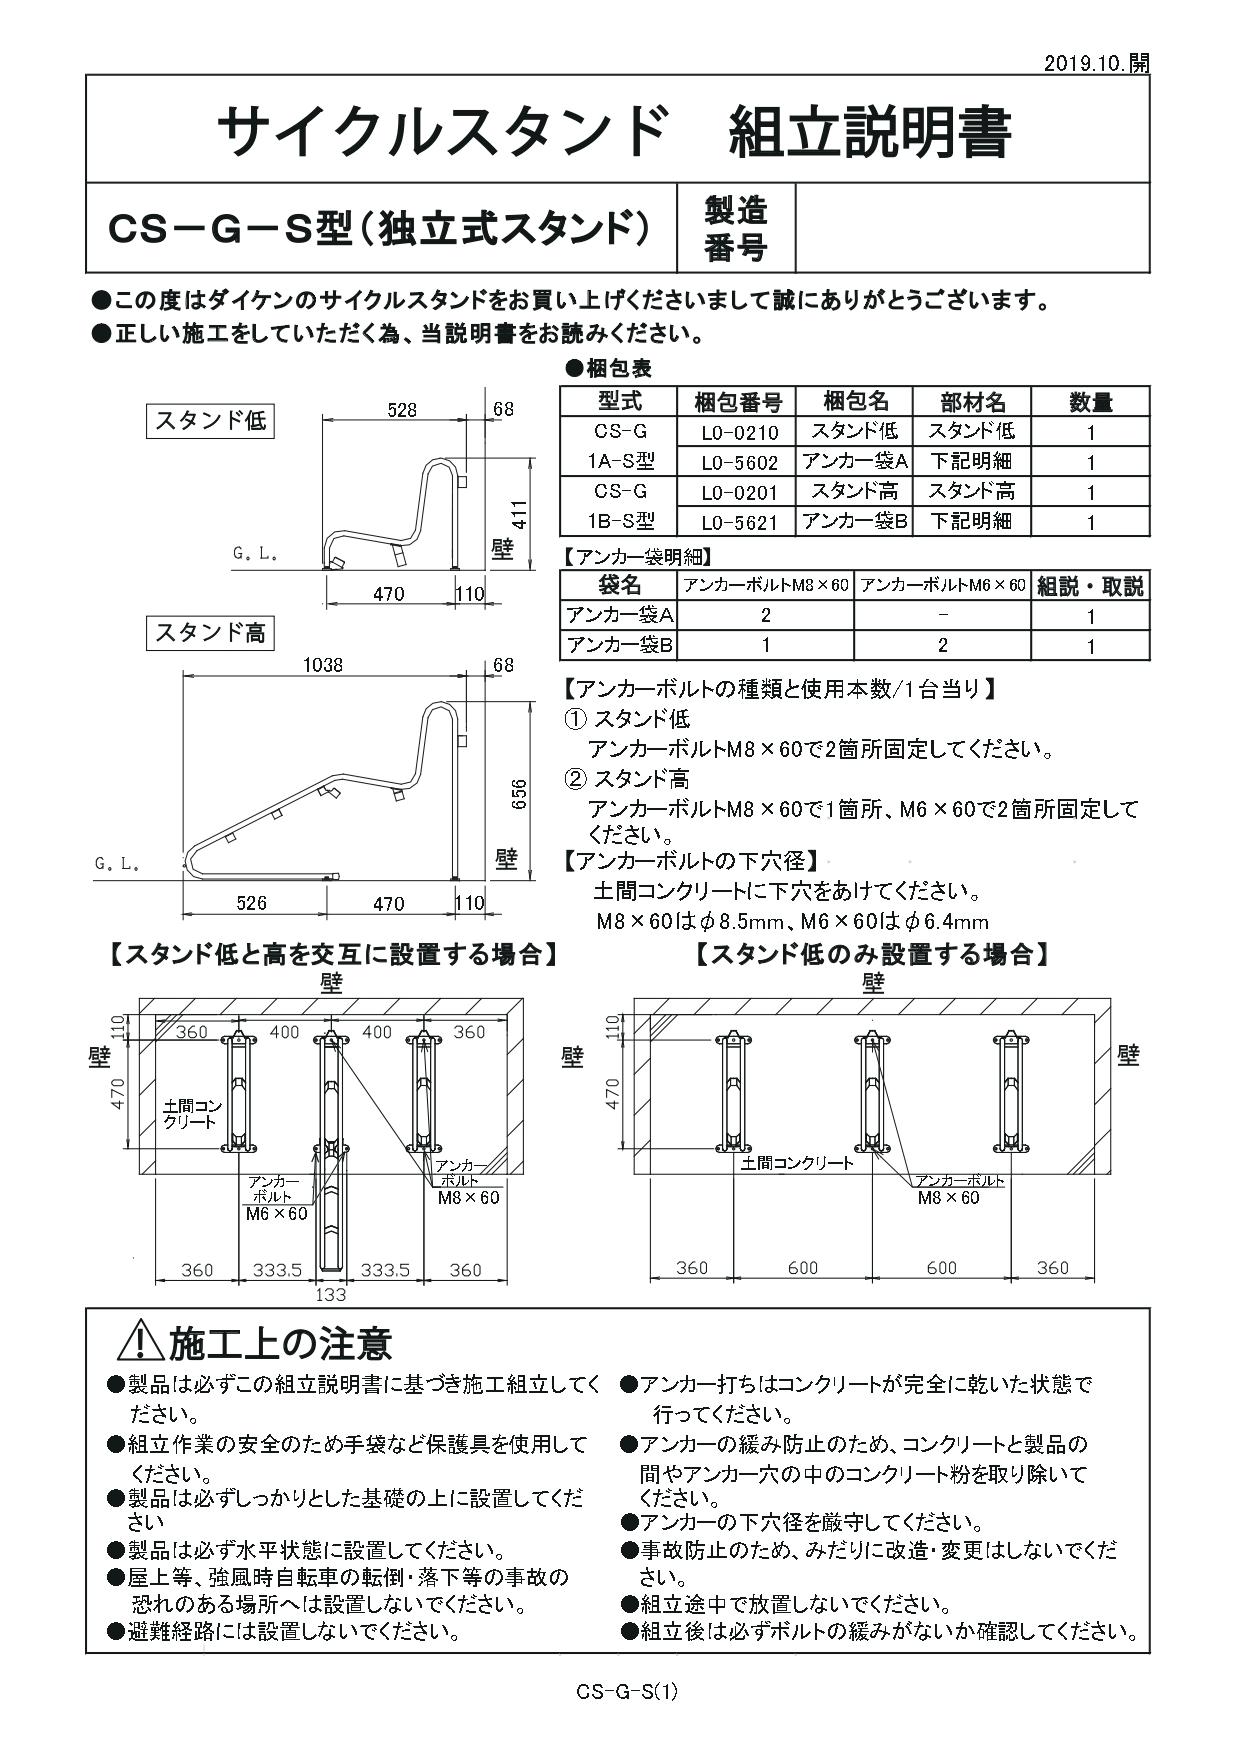 独立式スタンドCS-G 組み立て説明書_page-0001